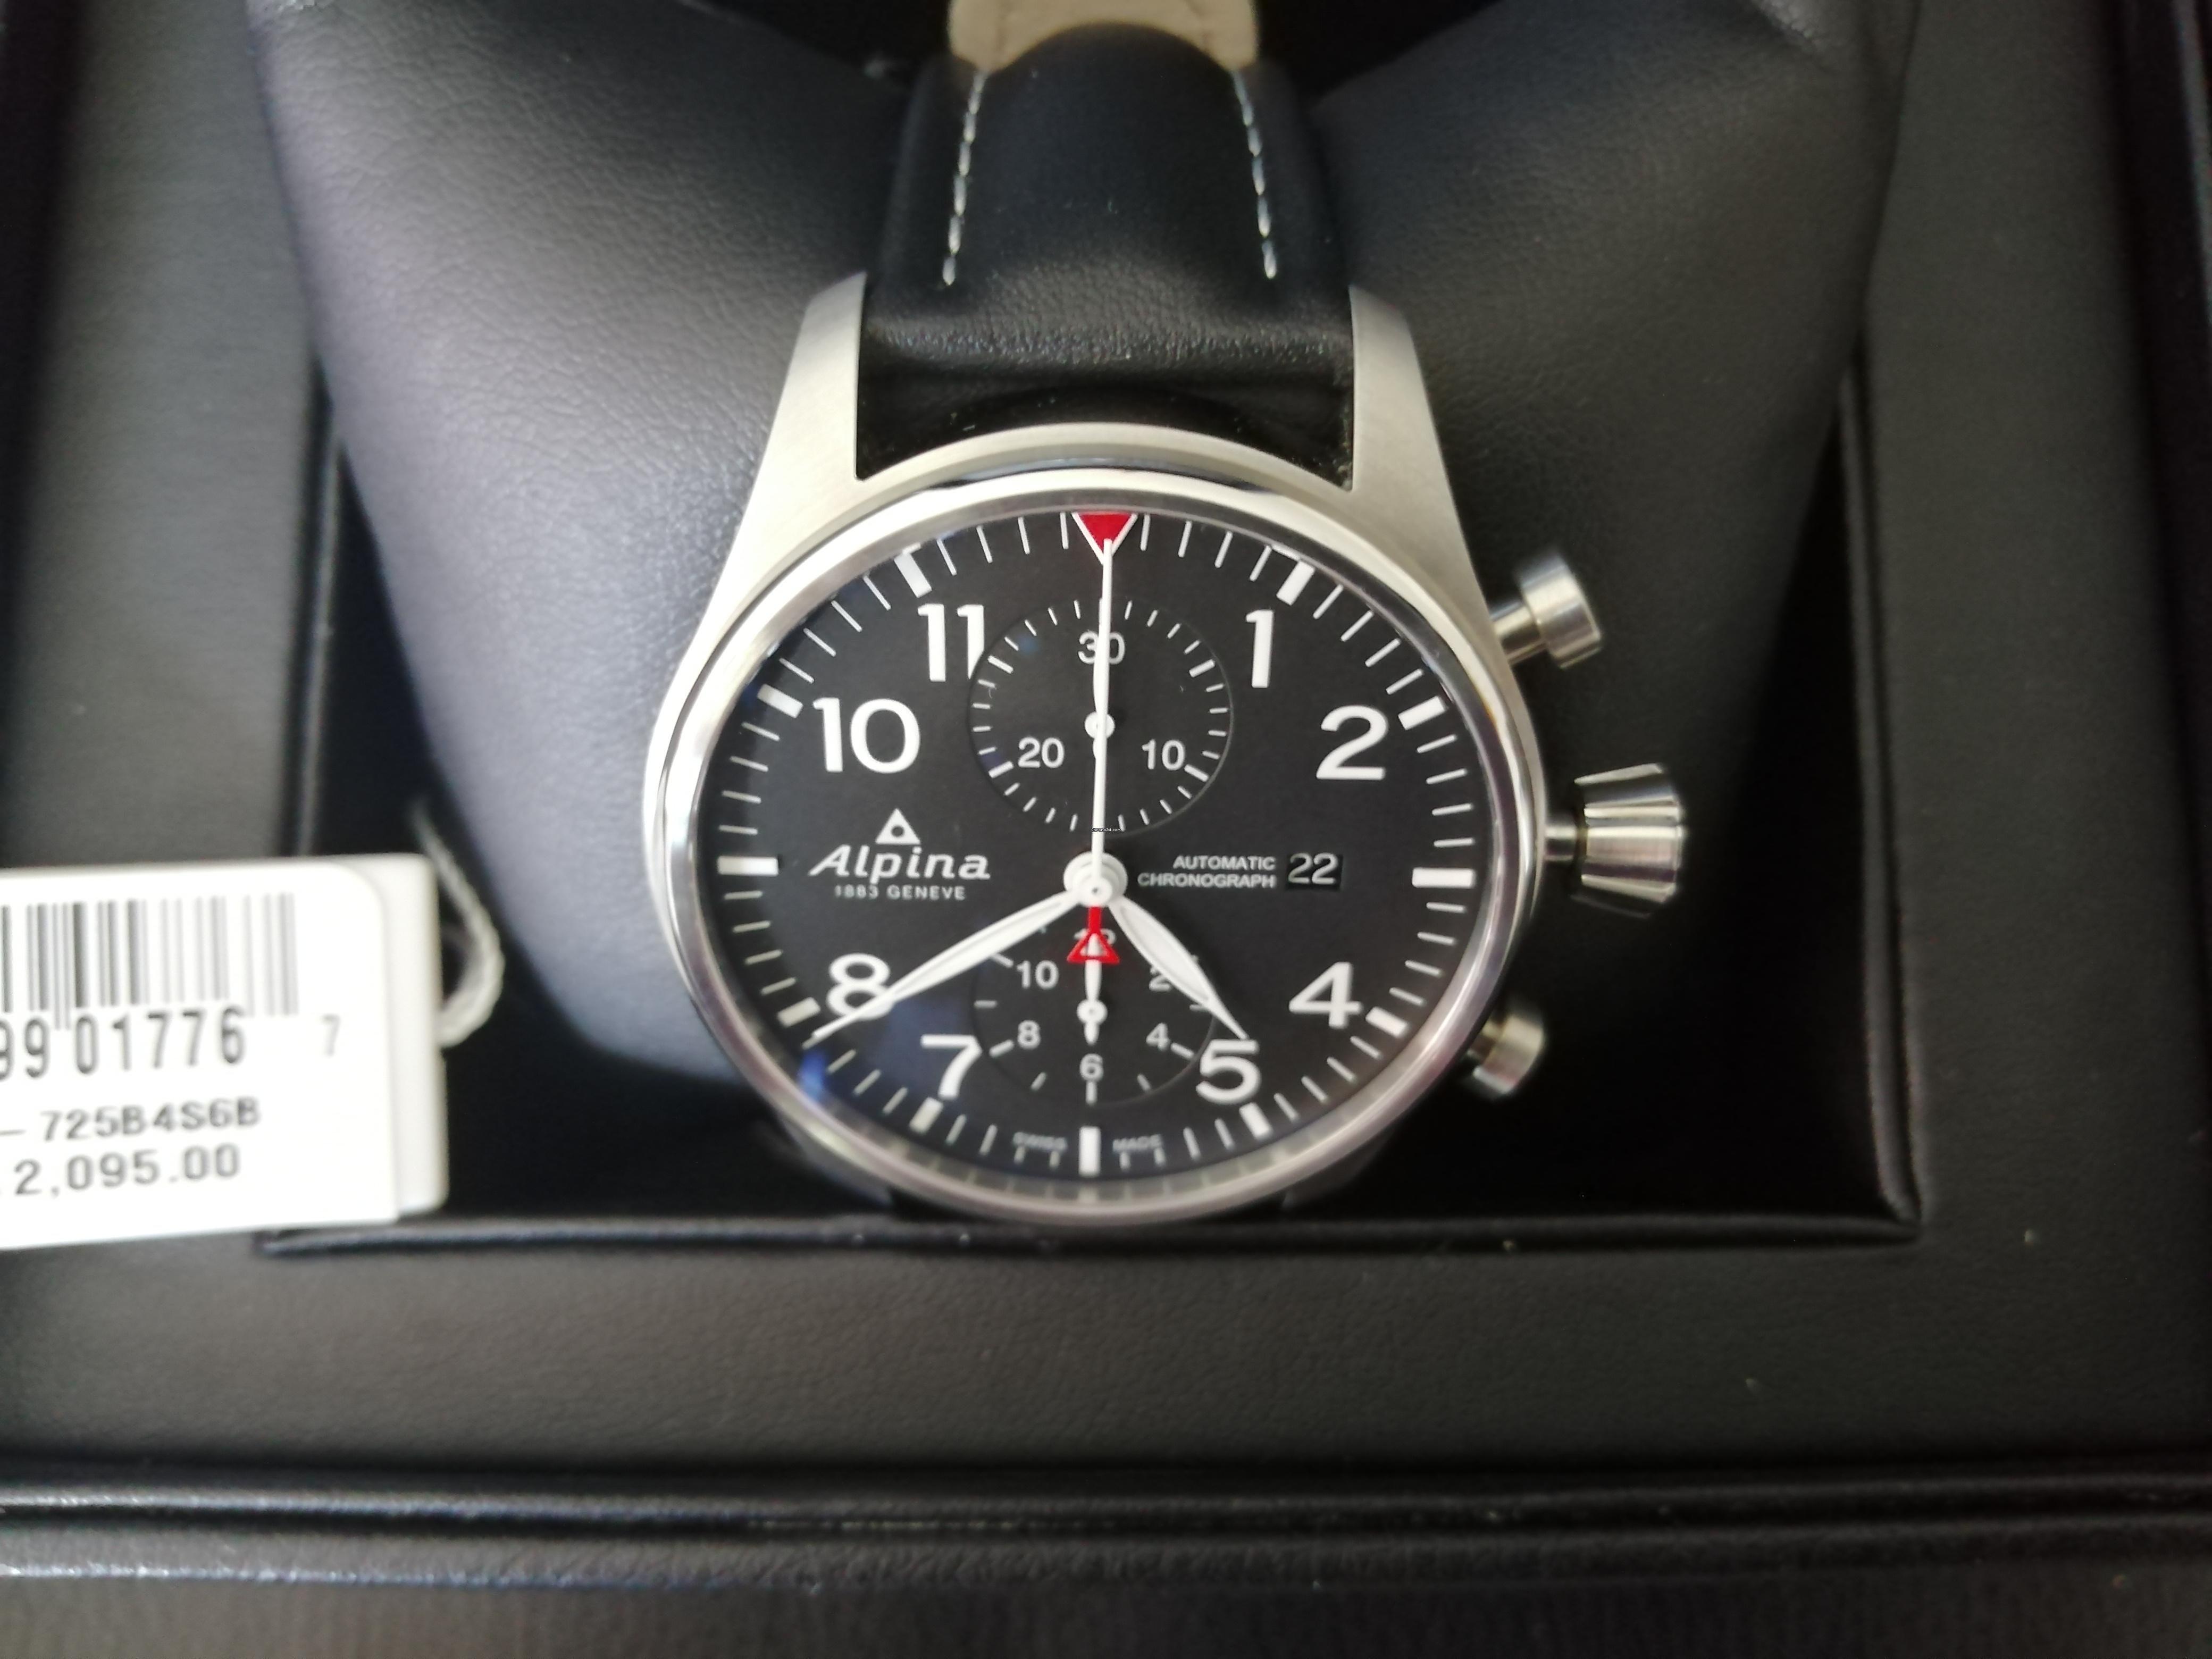 construction rationnelle dessin de mode nouvelles images de Alpina Startimer Pilot Chronograph 2019 à vendre pour 1.129 ...